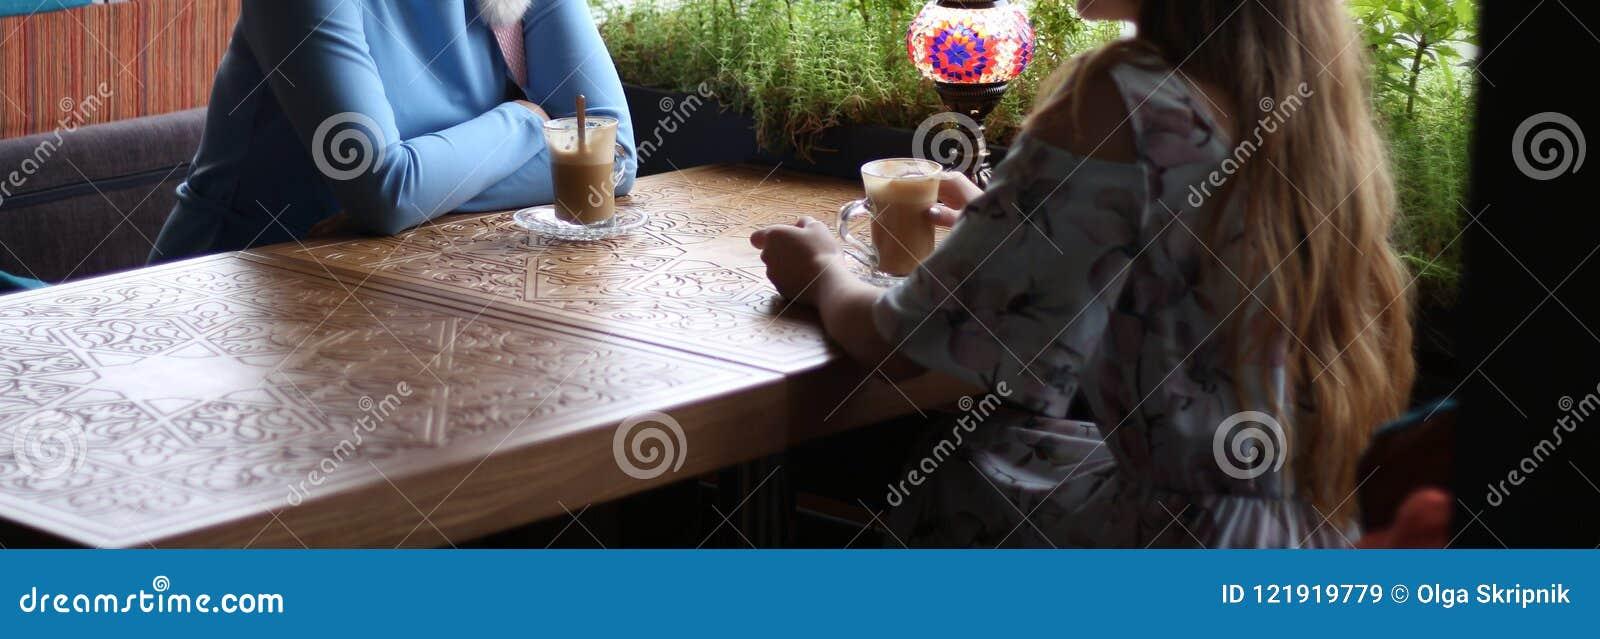 Φίλες που απολαμβάνουν στον καφέ από κοινού Νέες γυναίκες που συναντιούνται σε έναν καφέ συνεδρίαση δύο γυναίκες σε έναν καφέ για